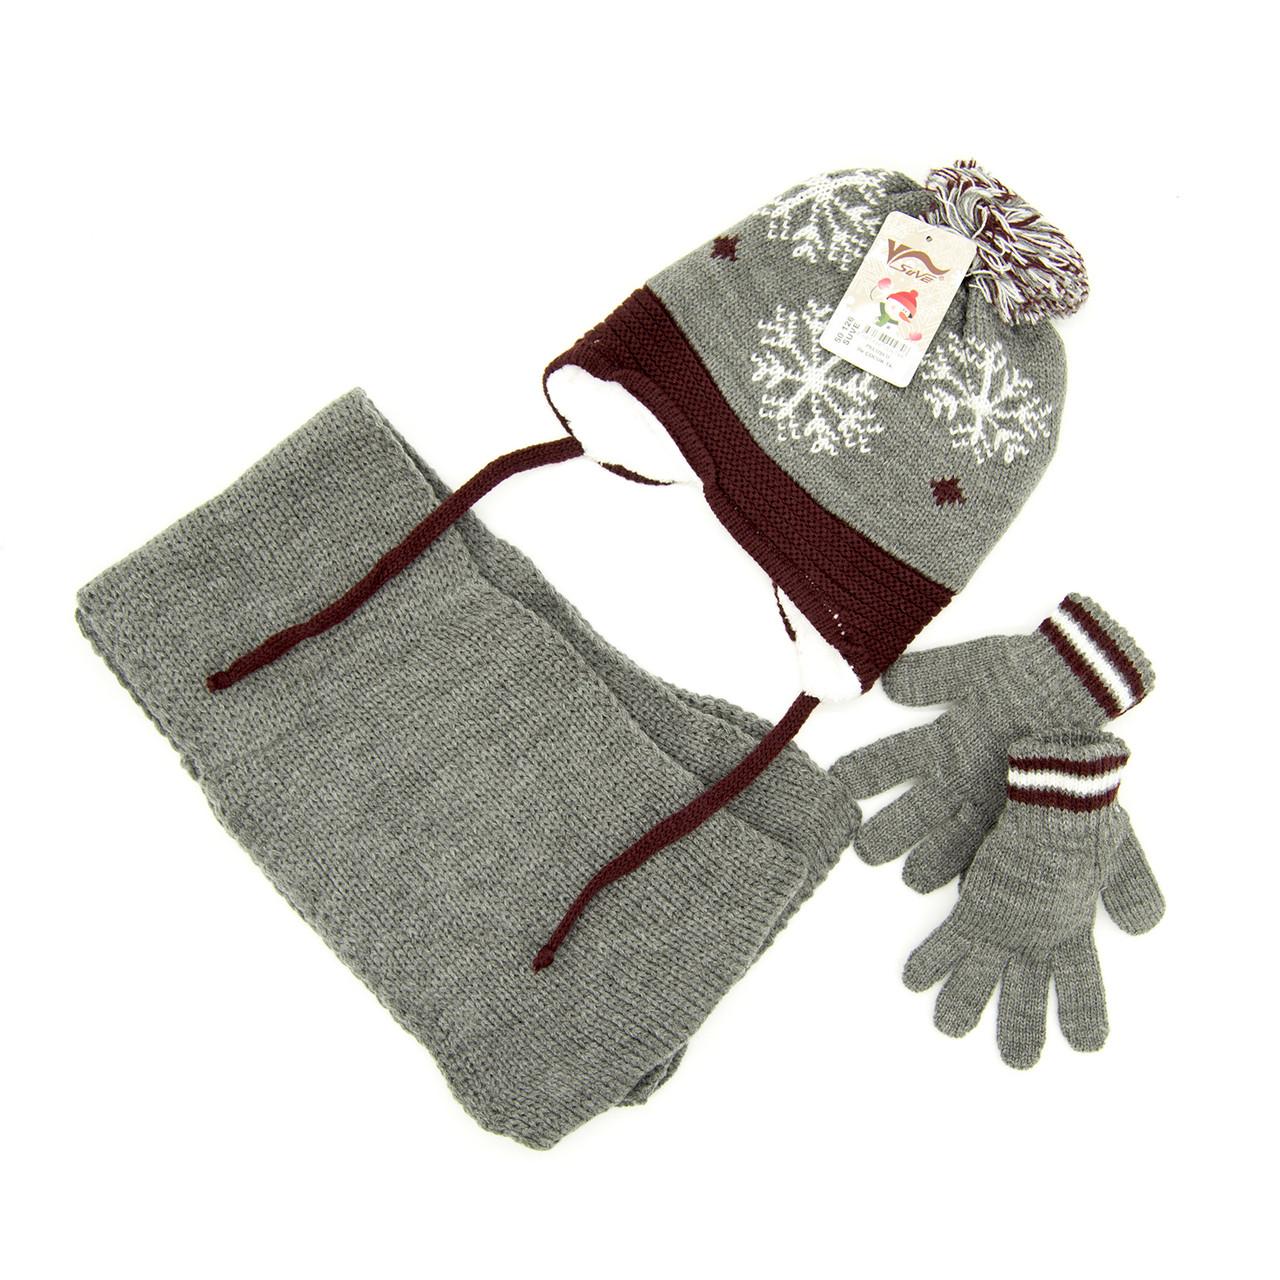 Комплект: шапка, шарф, перчатки Детский 3-6 лет Серо-коричневый